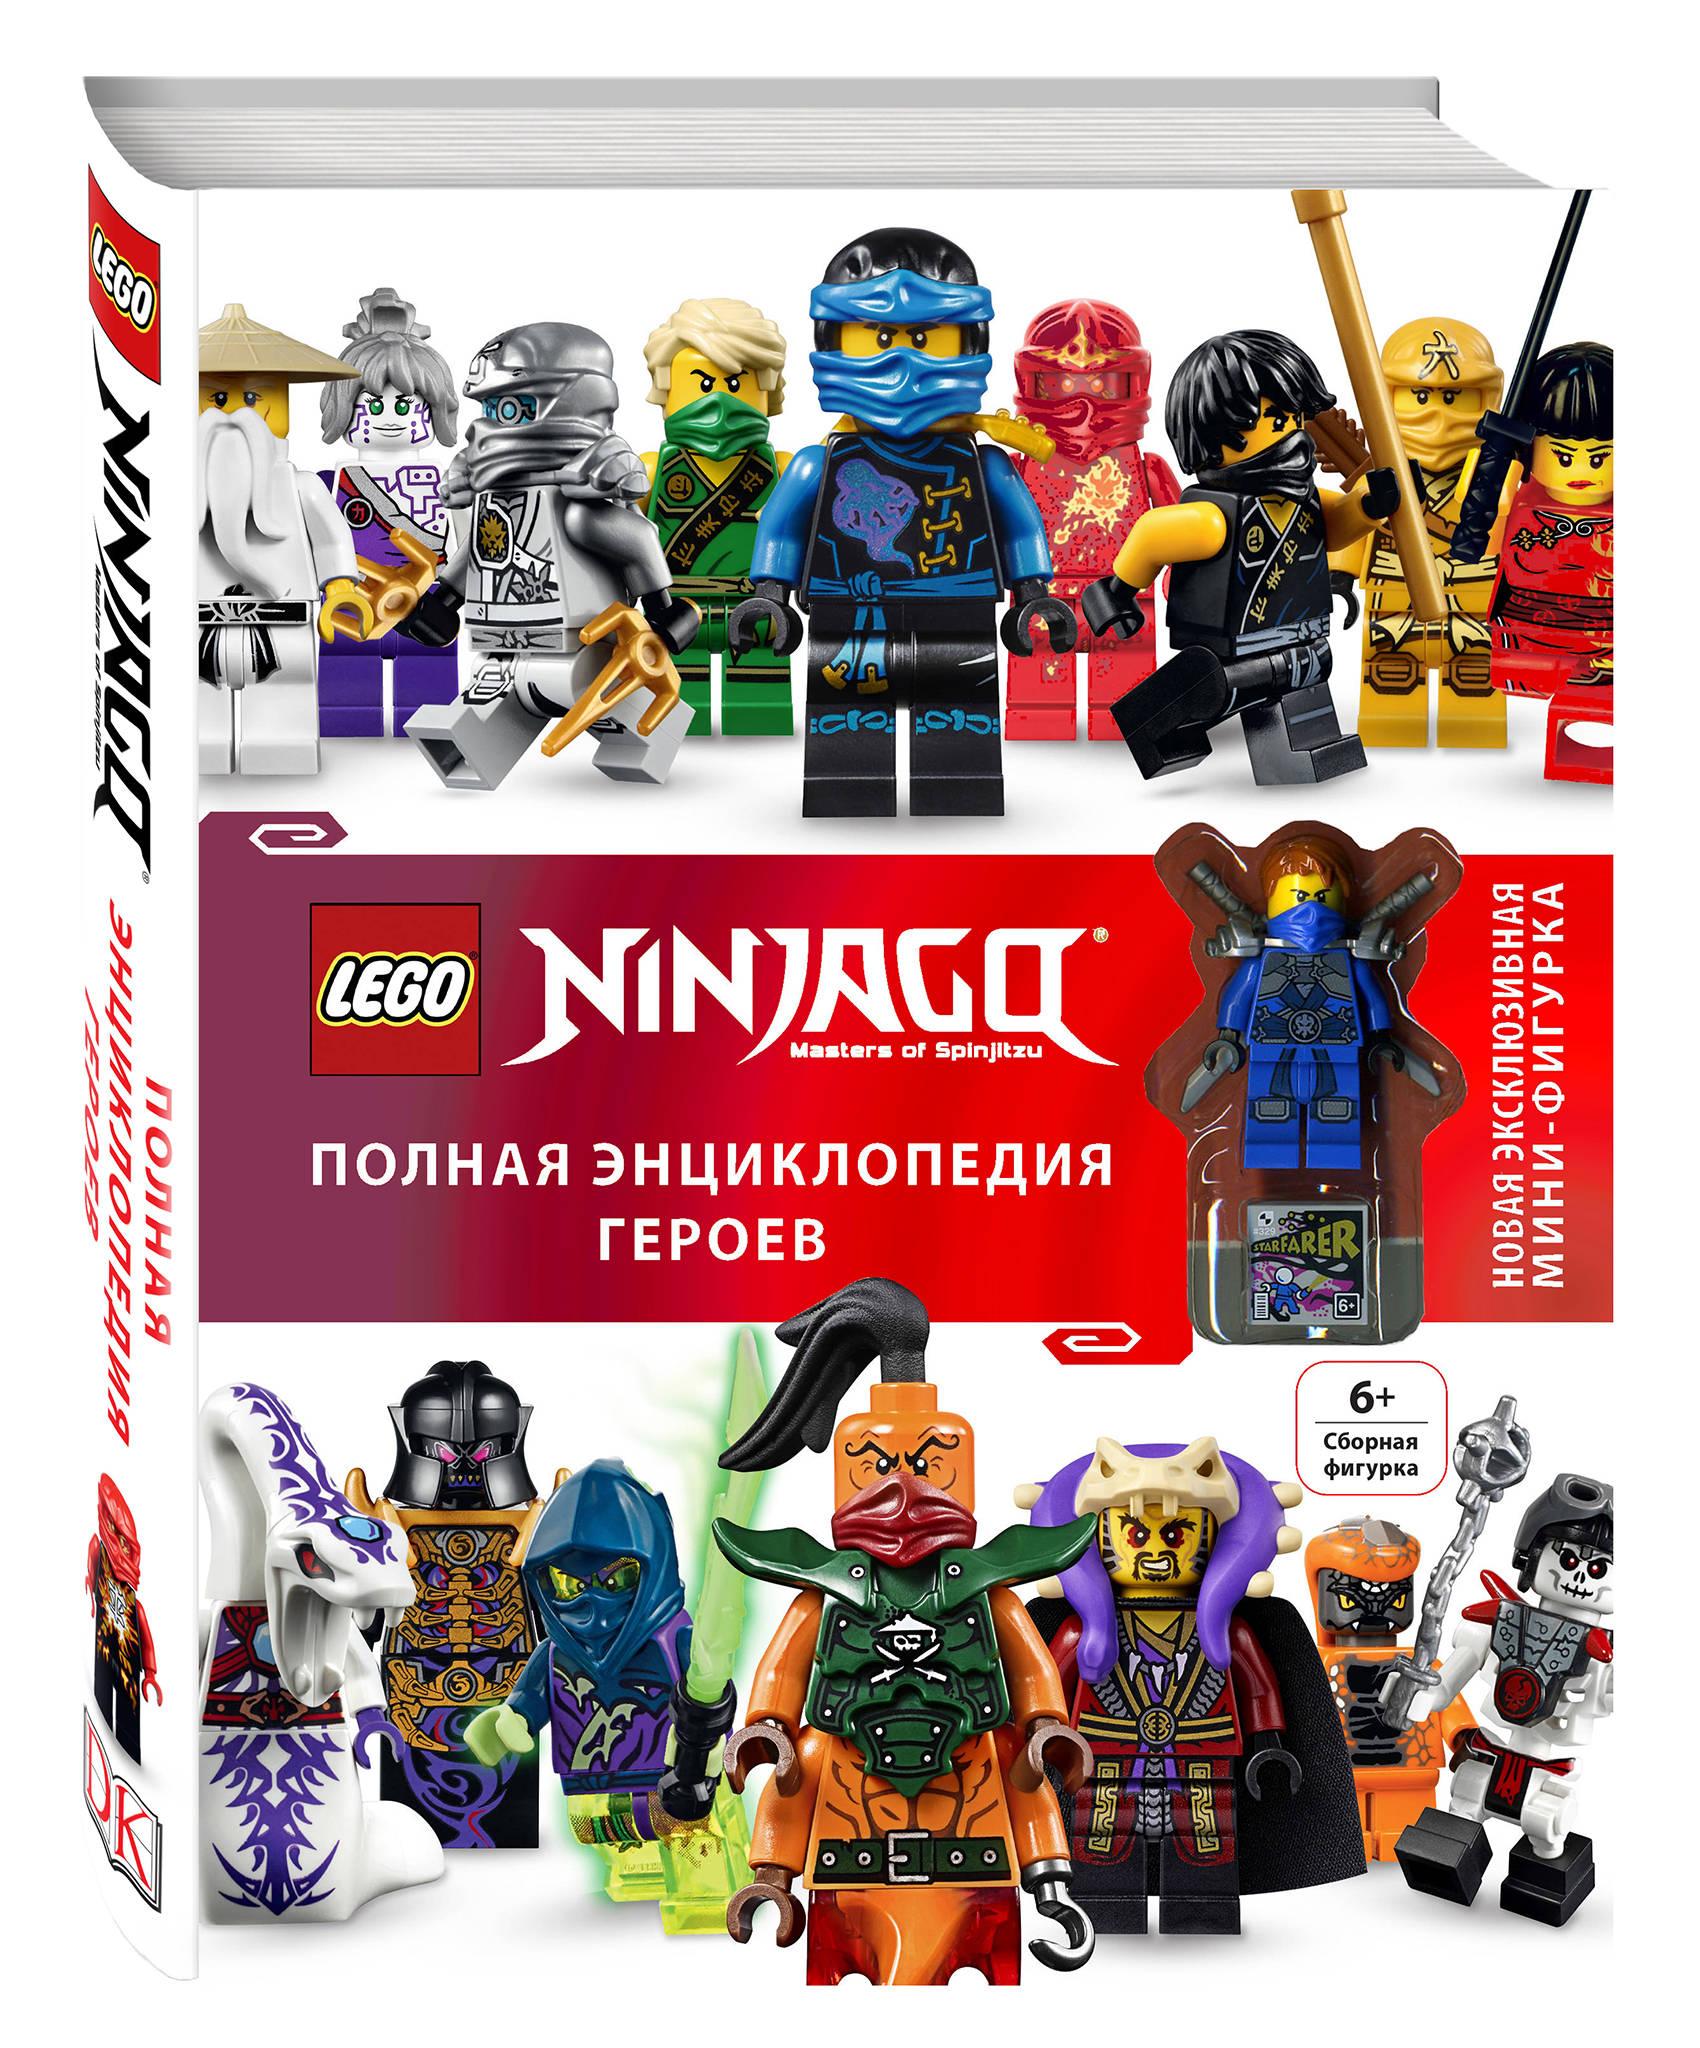 LEGO Ninjago. Полная энциклопедия героев (+ эксклюзивная мини-фигурка) lego ninjago 70737 битва механических титанов